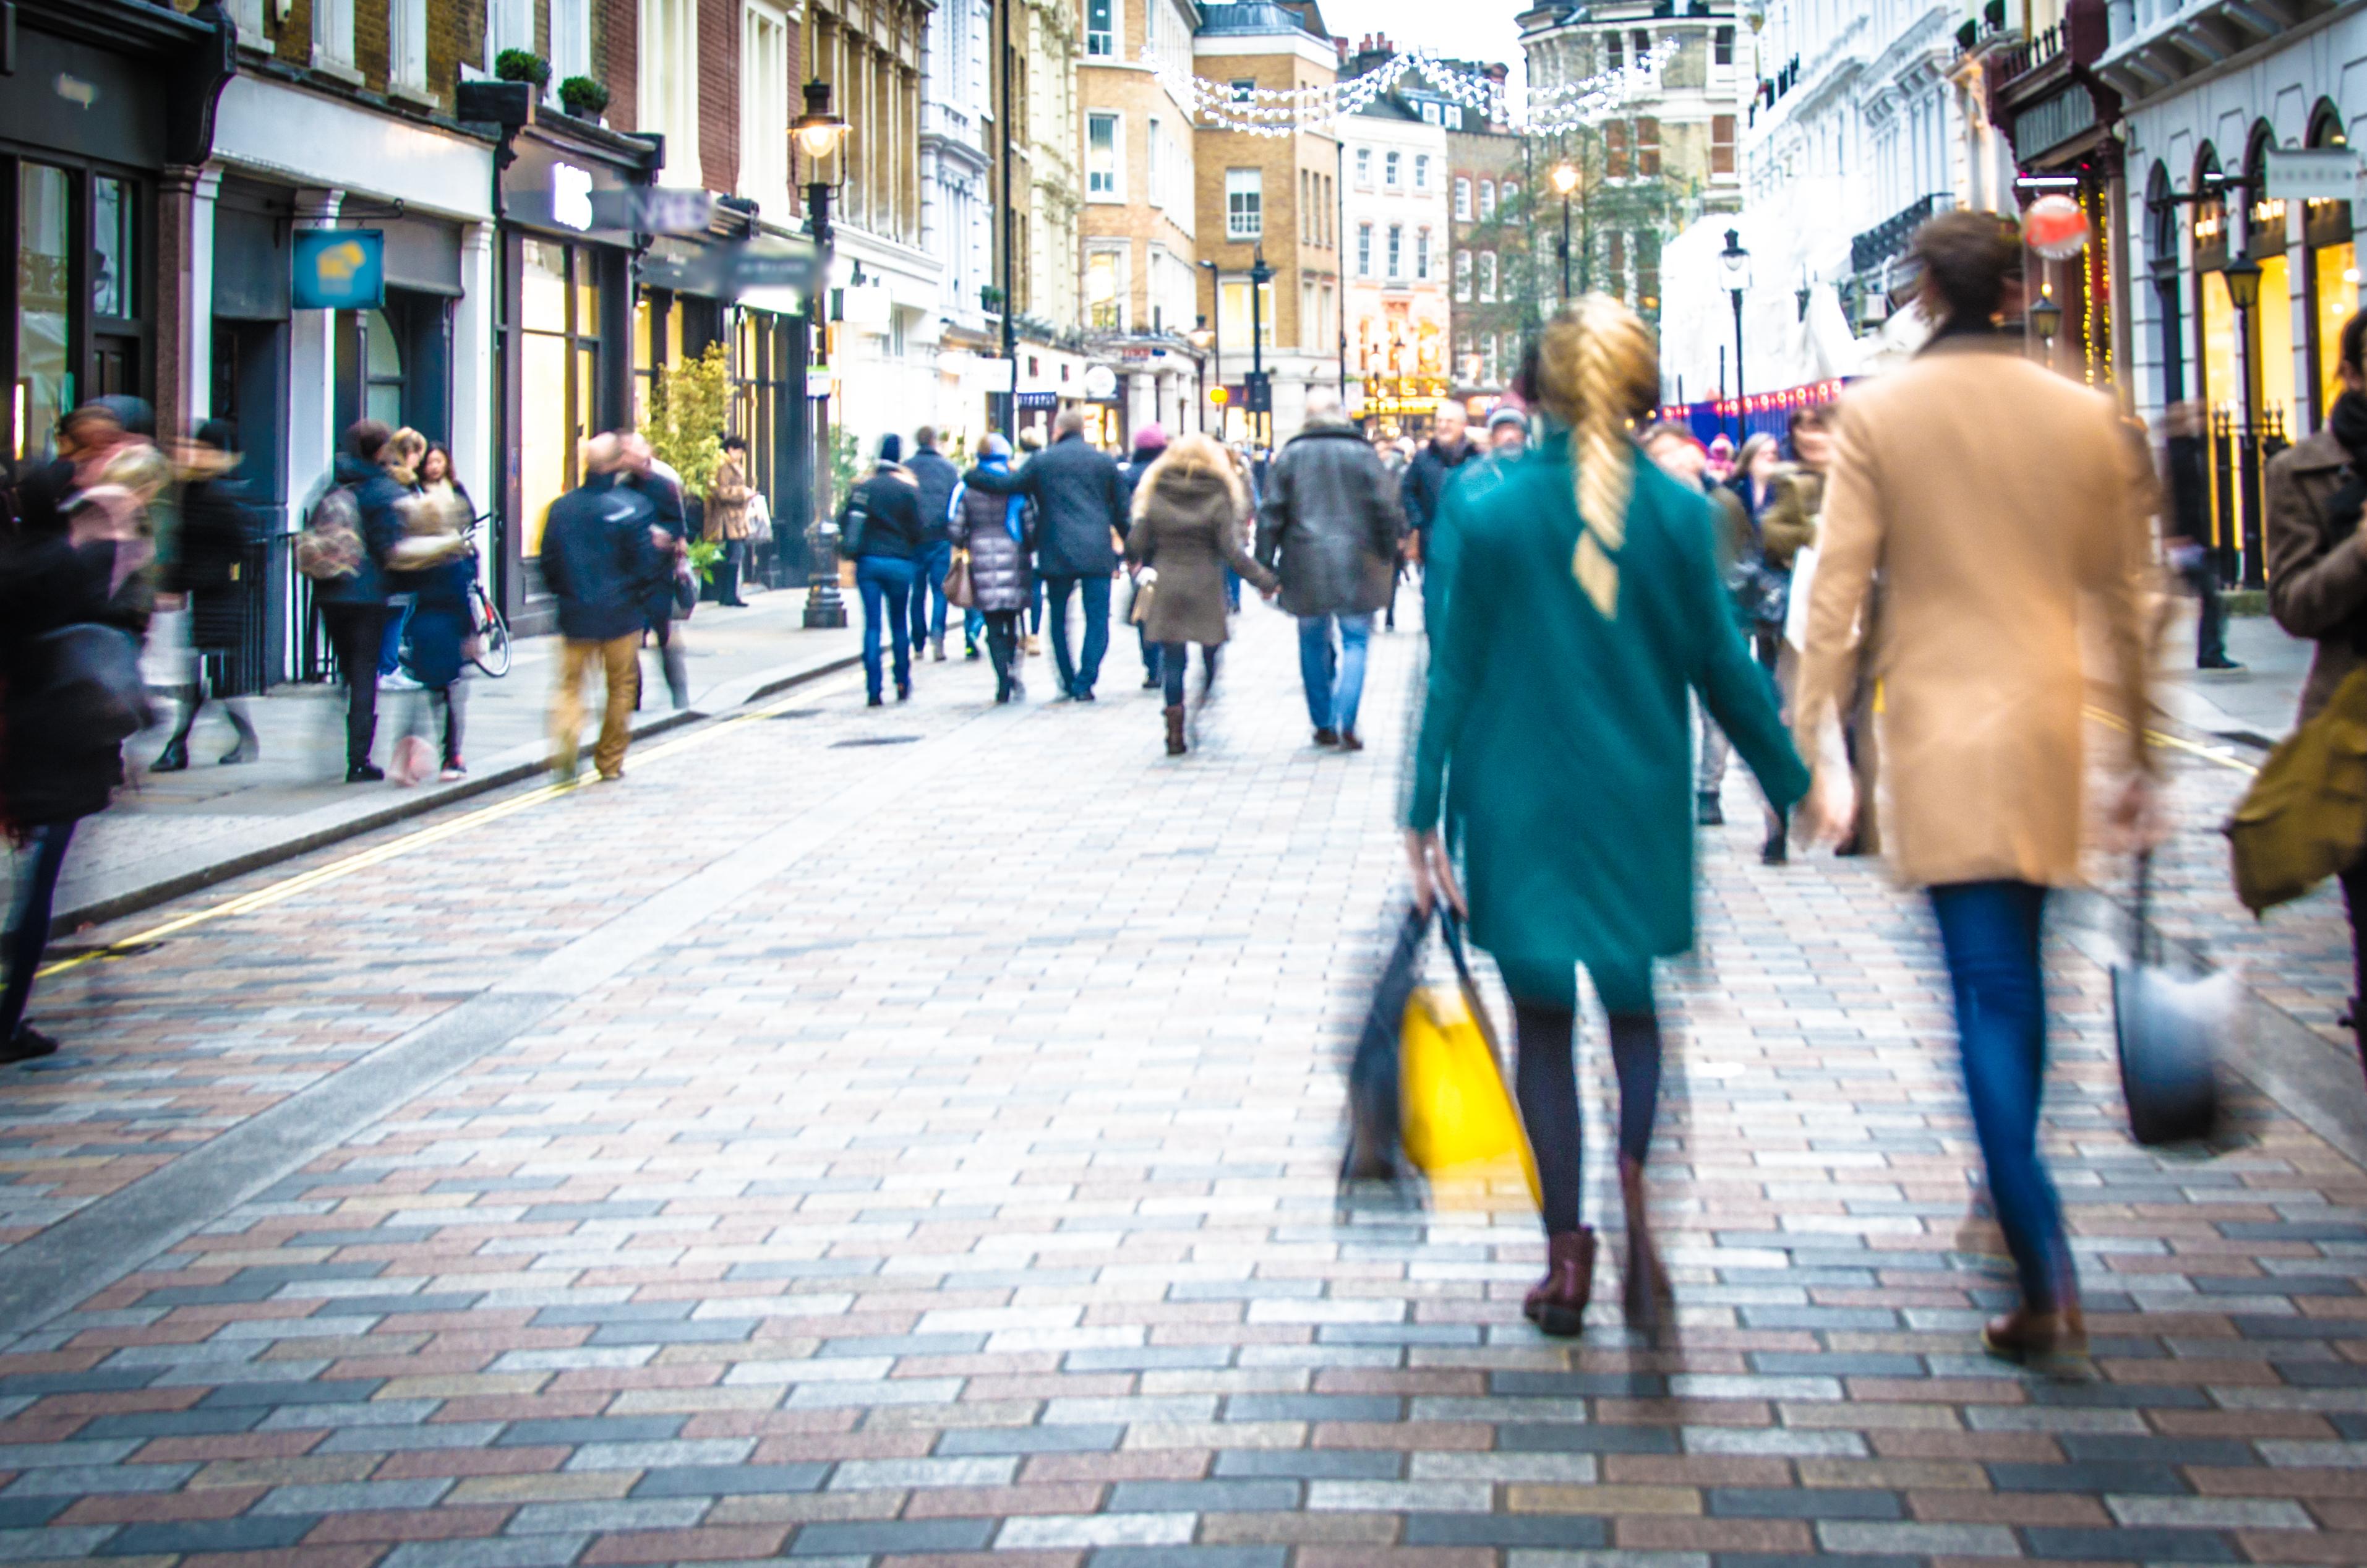 Gräsrotsfinansiering och konsumenters sårbarhet i fokus